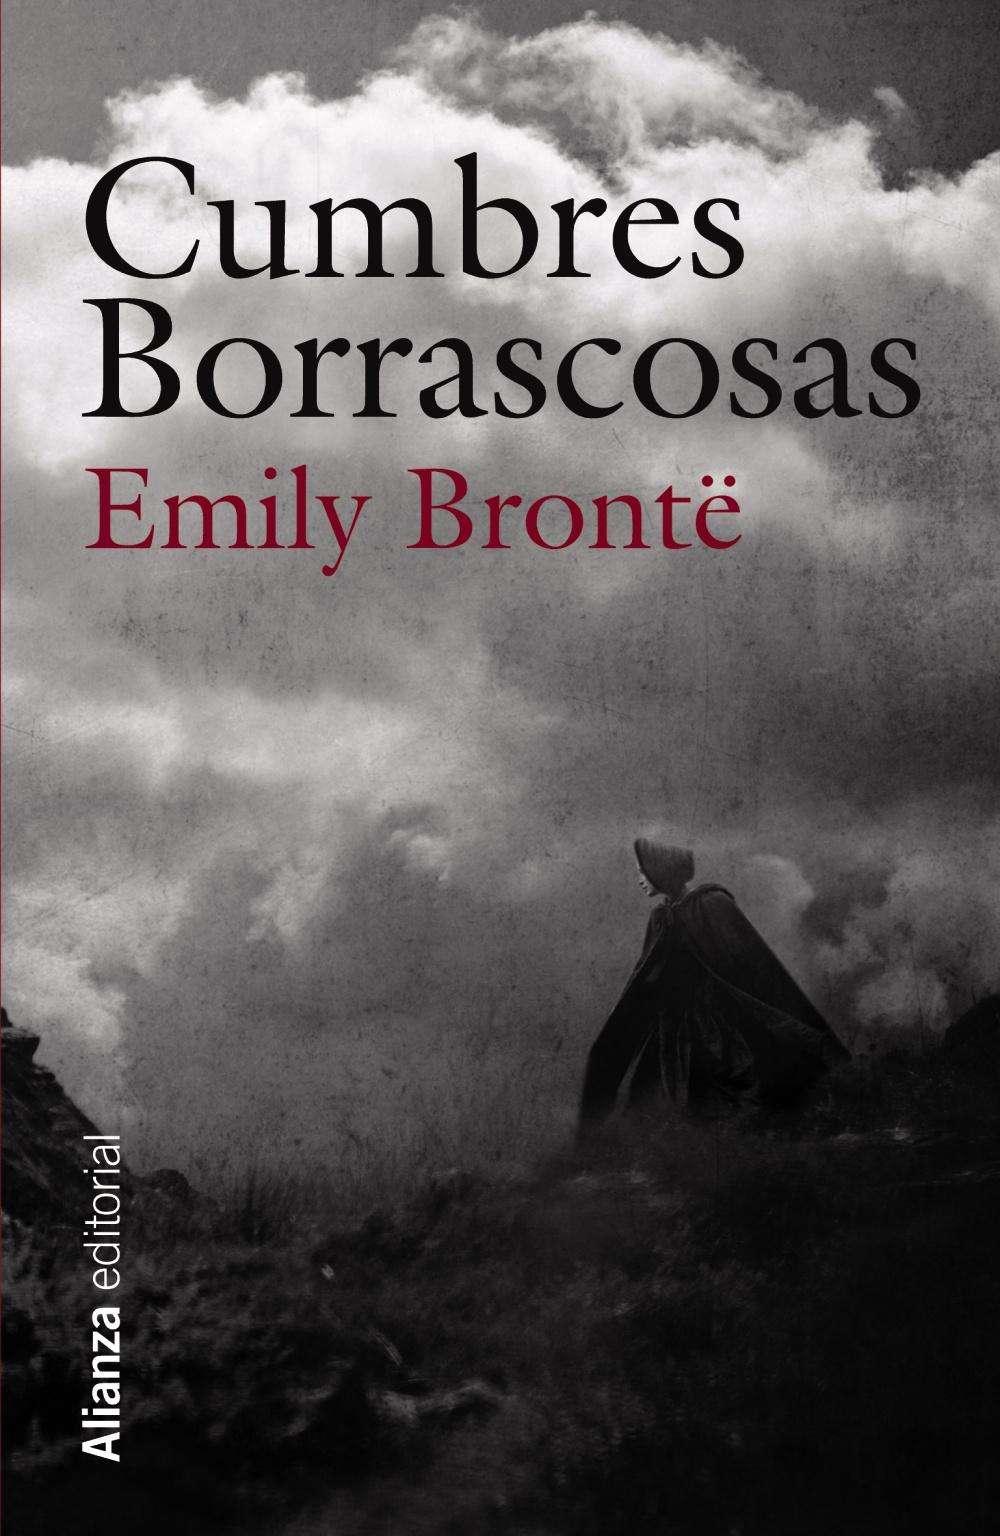 Cuenta el romance entre Catherine Earnshaw y su hermano adoptivo Heathcliff